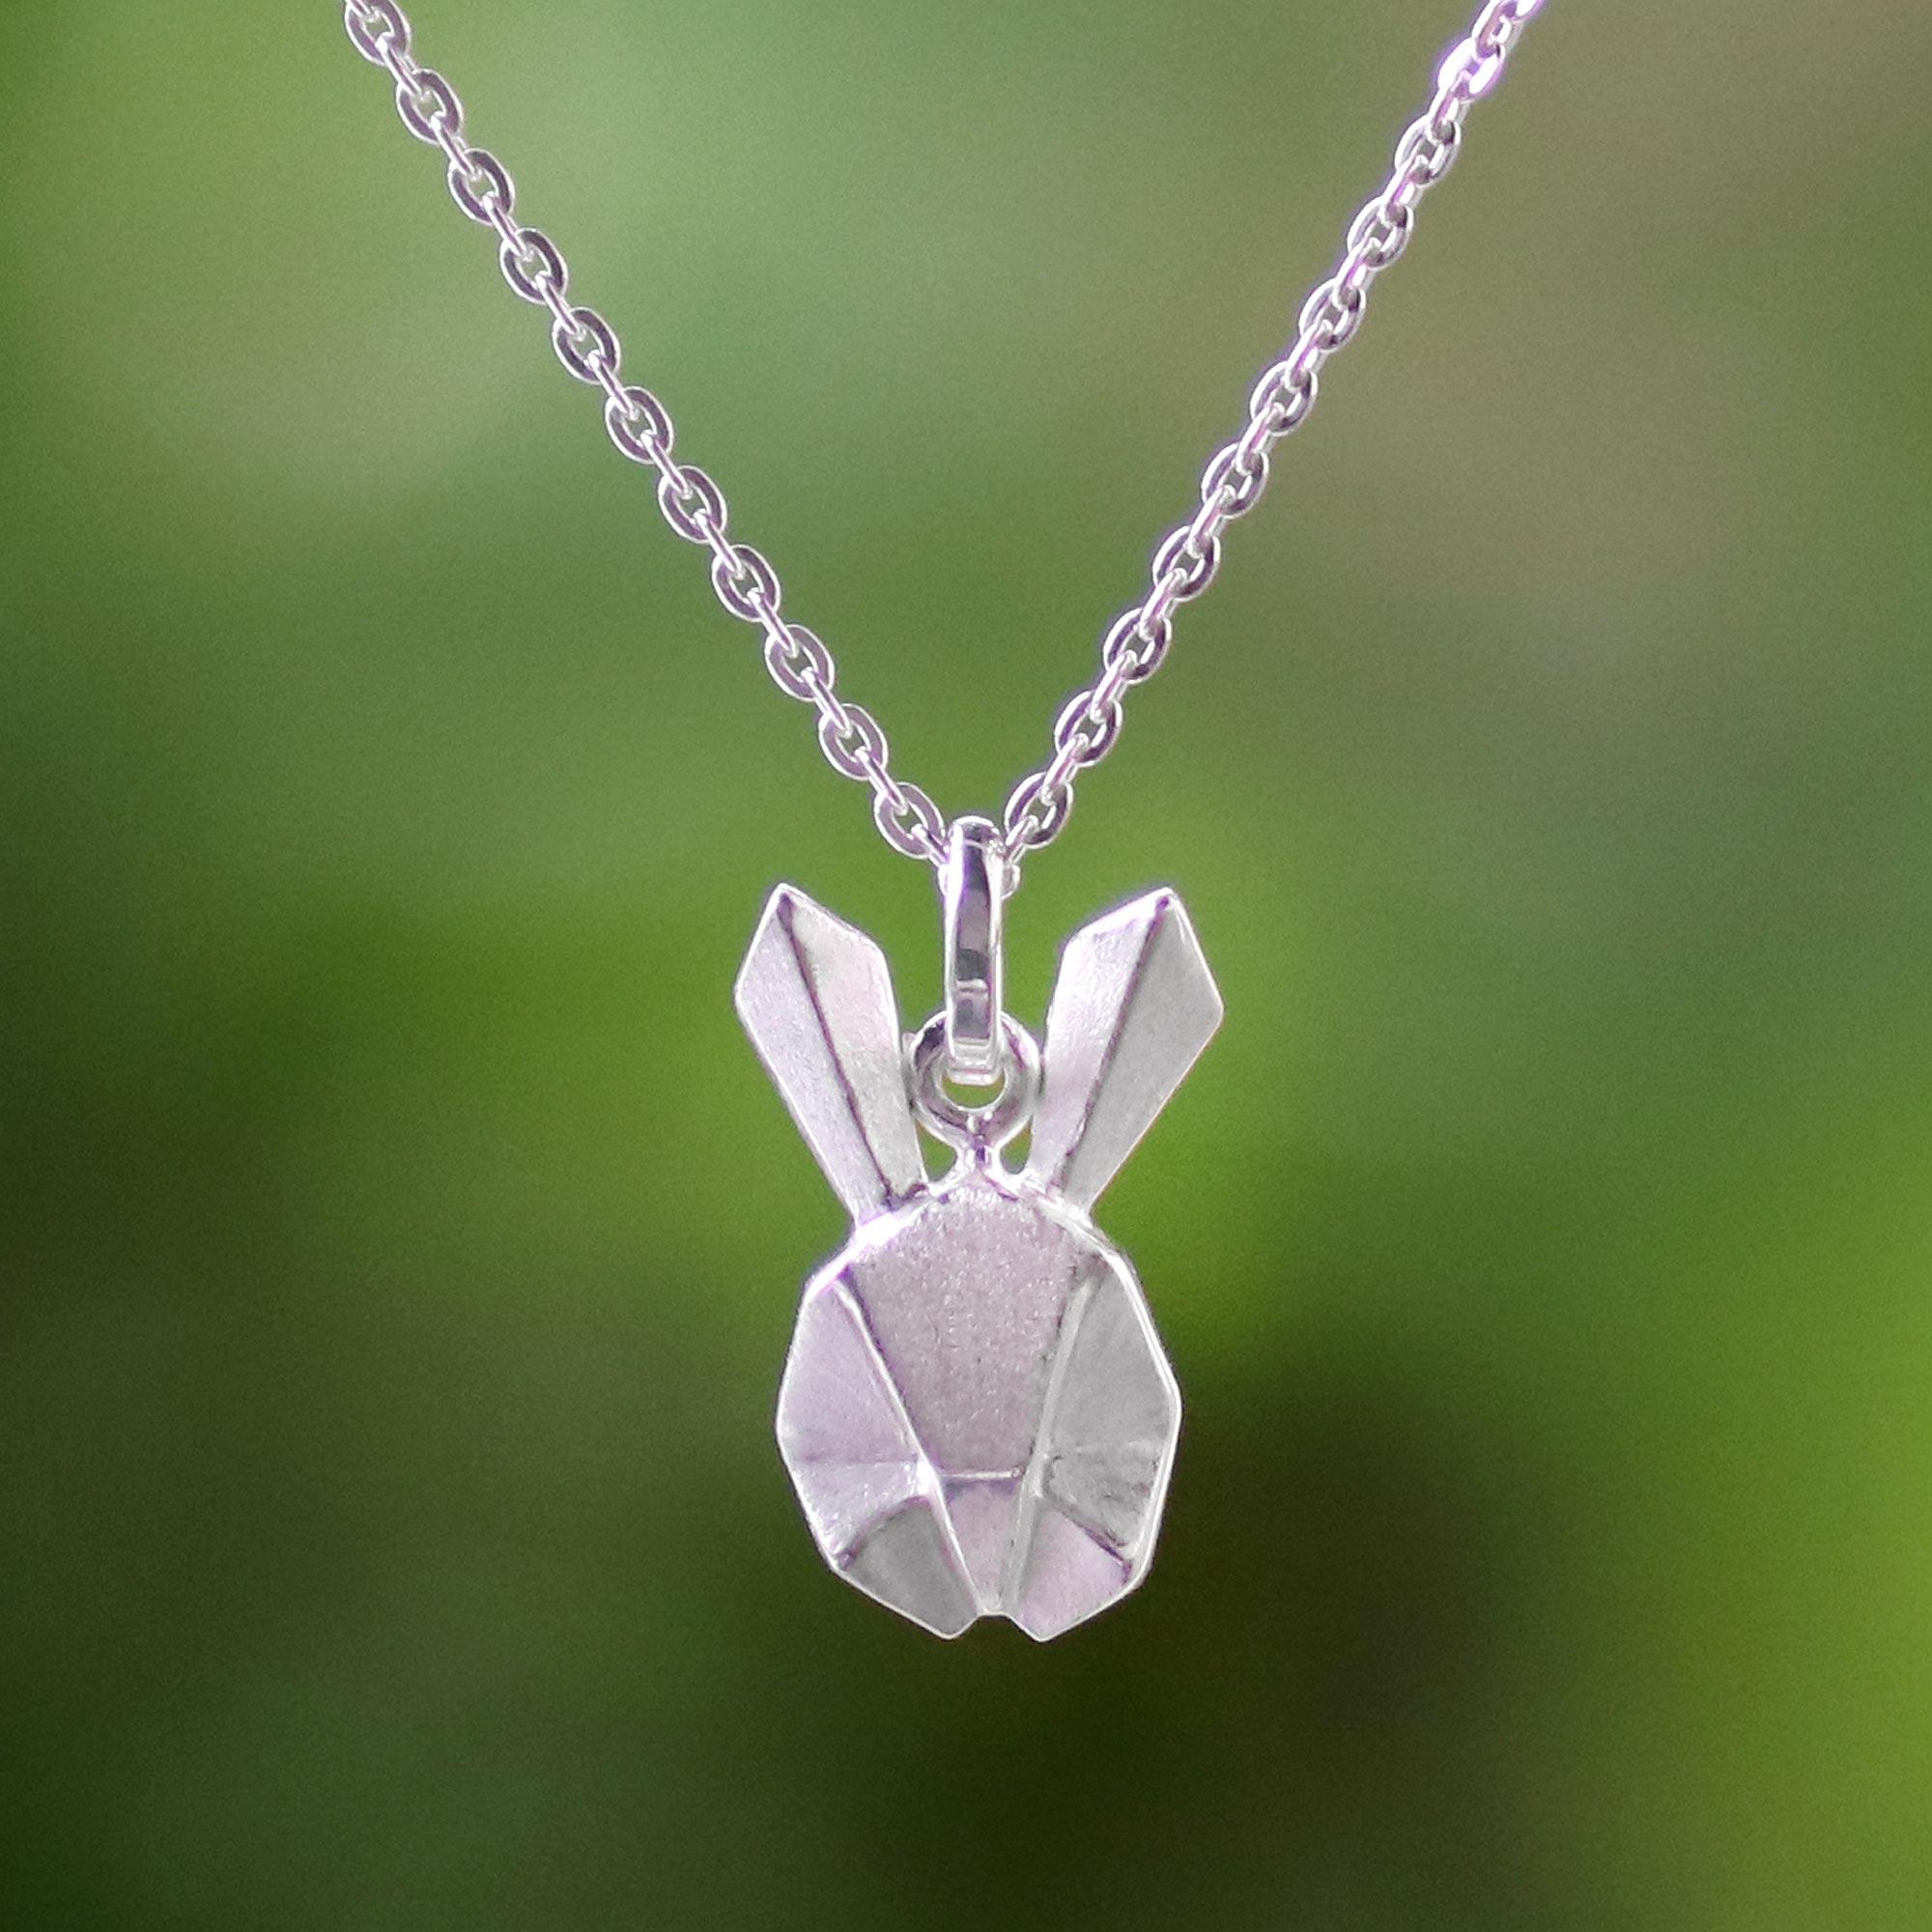 5 pieces silver origami bunnies pendant